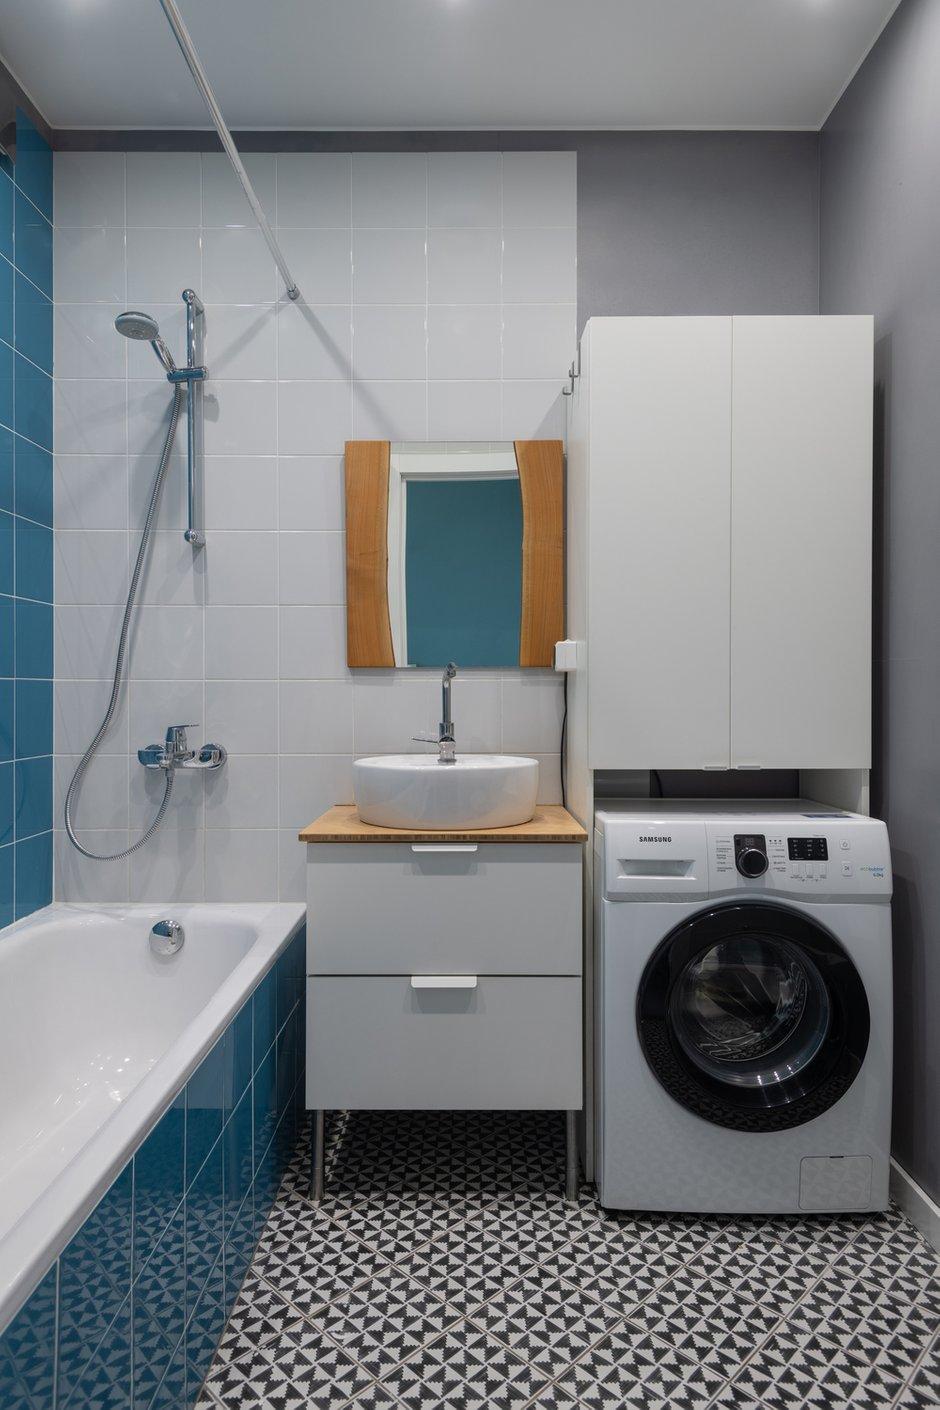 Фотография: Ванная в стиле Современный, Лофт, Квартира, Студия, Проект недели, Мытищи, 40-60 метров, Влада Загайнова – фото на INMYROOM